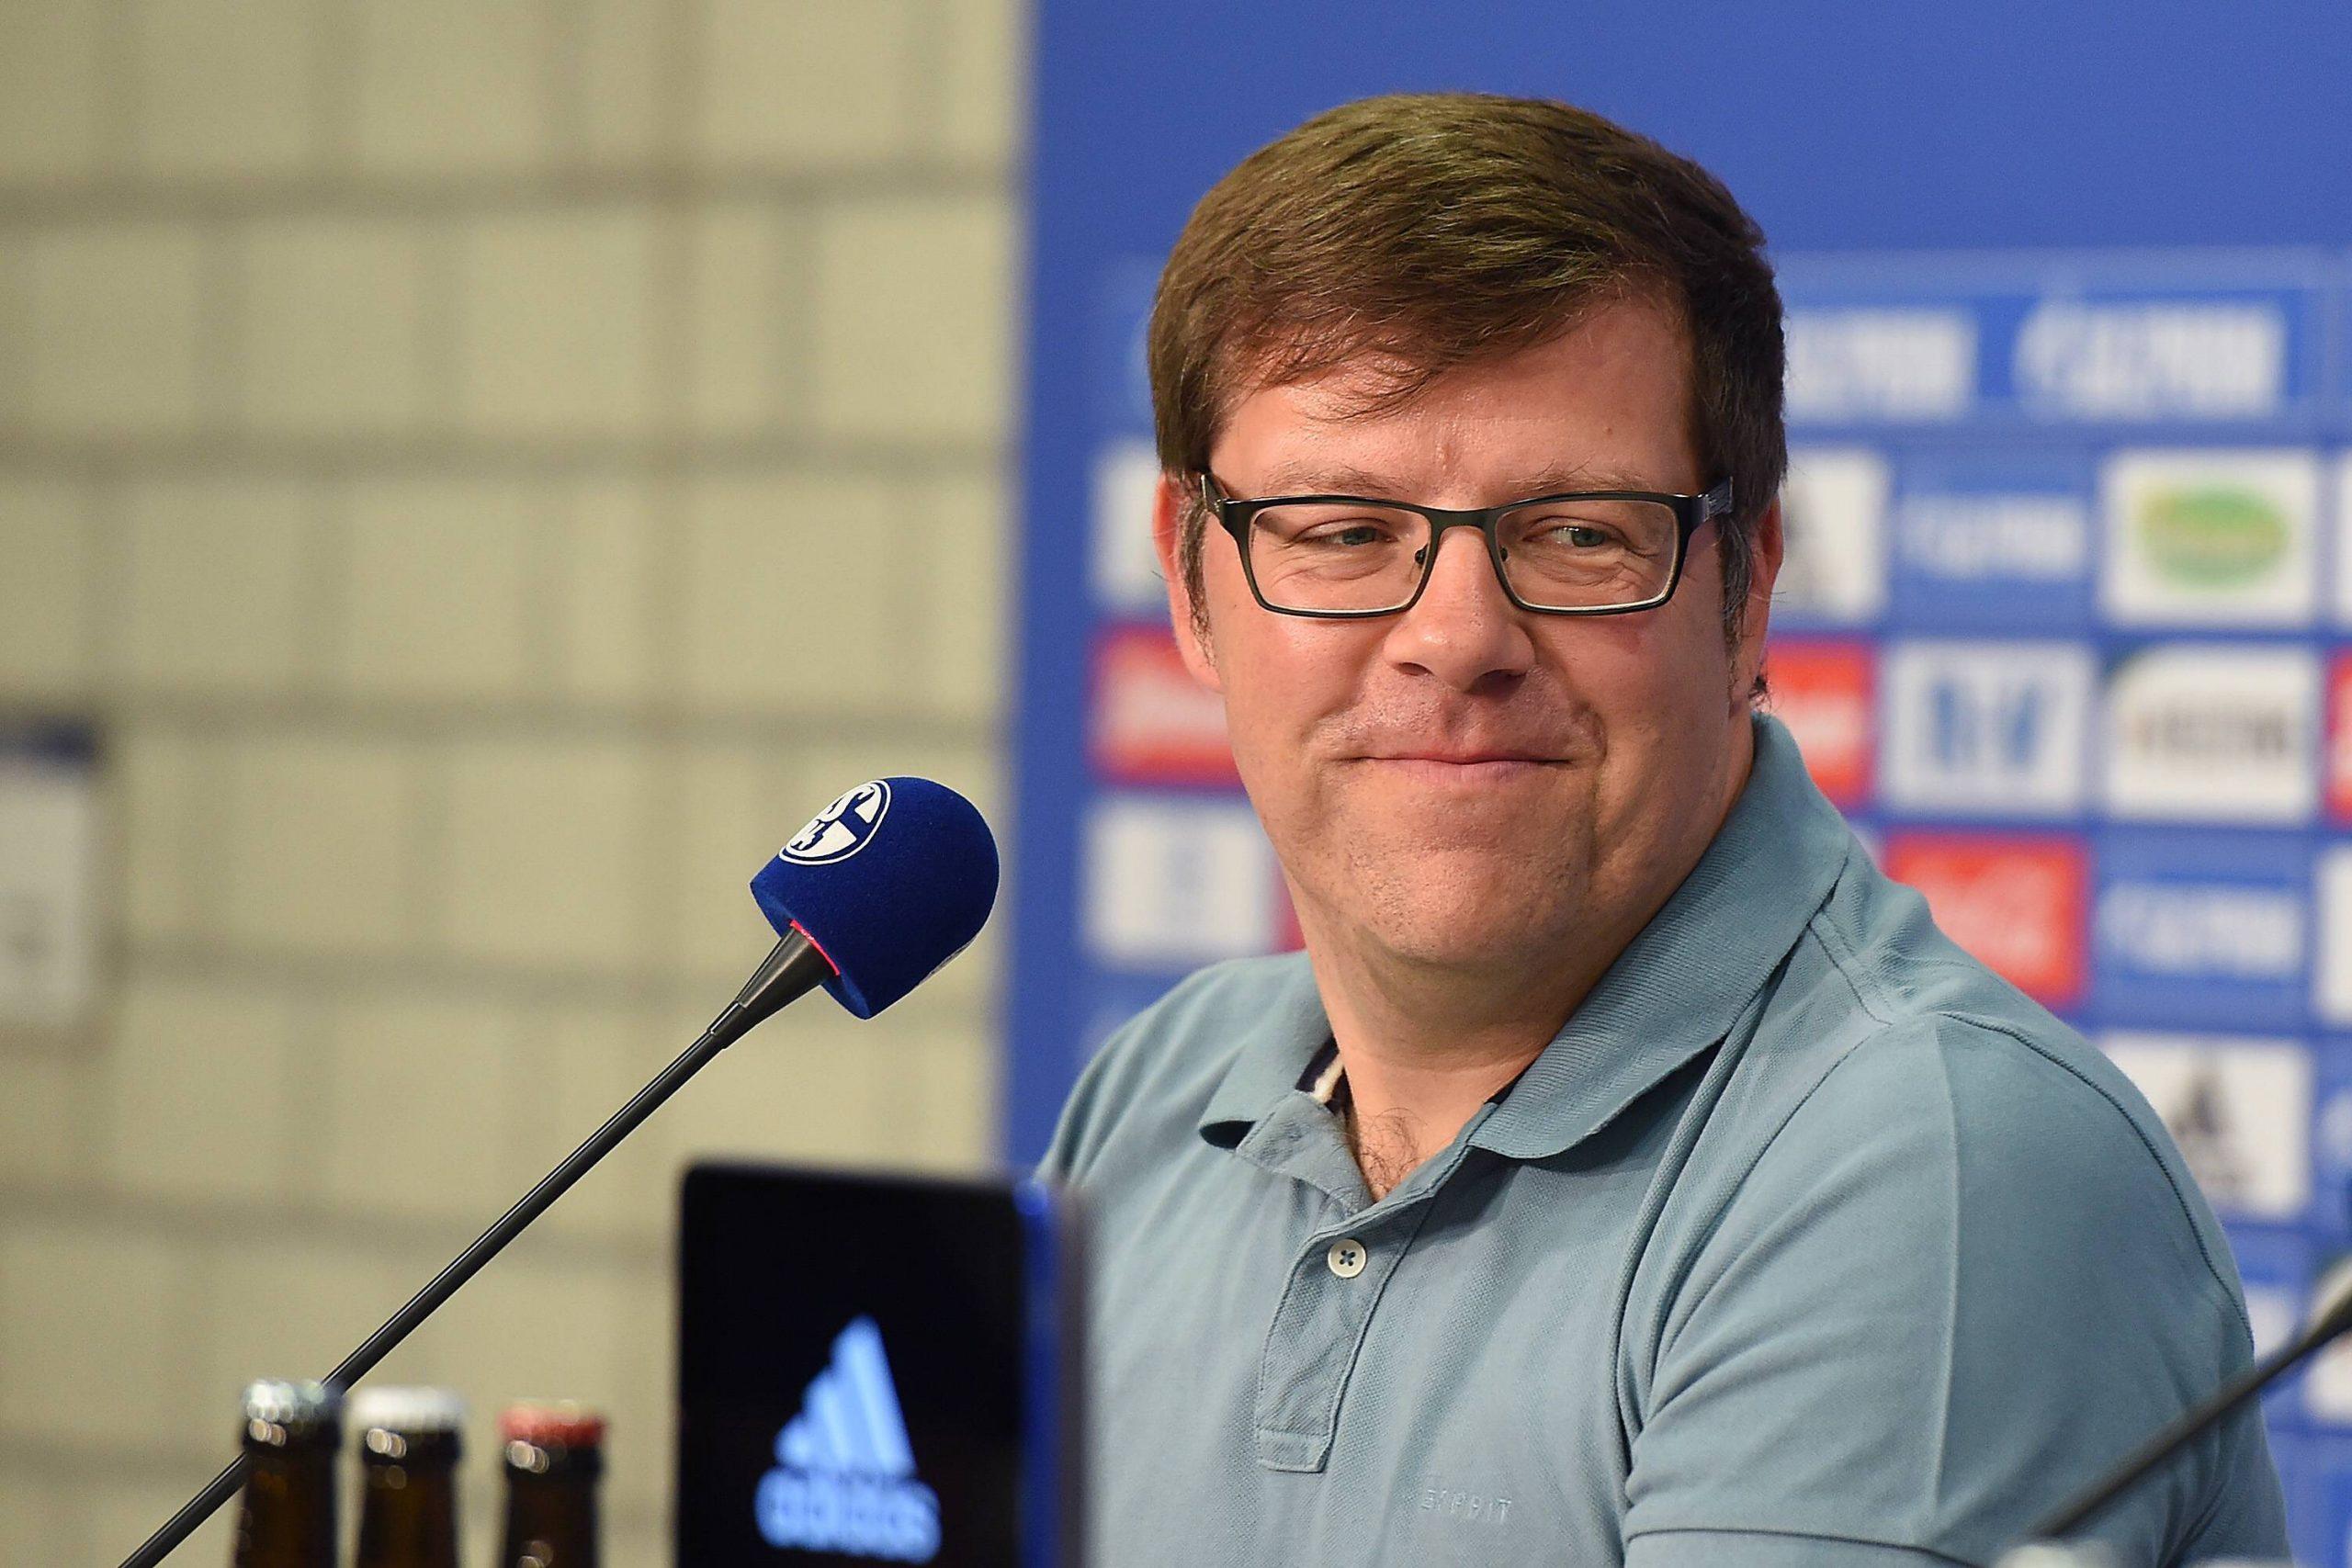 Zurück im Verein: Ex-Pressesprecher Thomas Spiegel